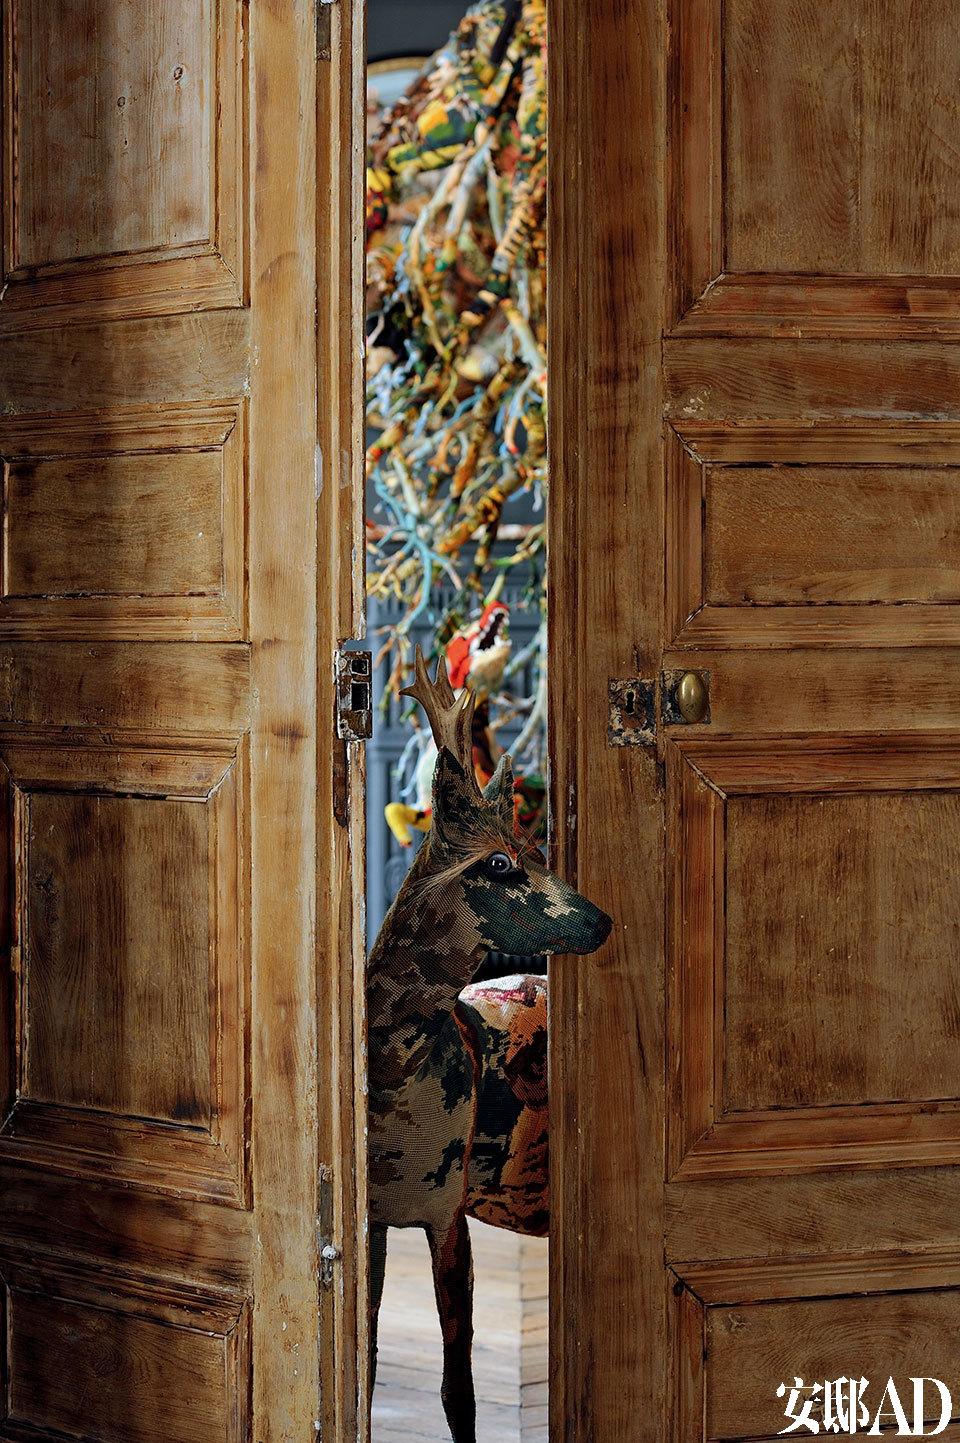 用挂毡拼接制作的小鹿从古老的公寓大门探出头来,仿佛要将我们带入一片神奇之地。